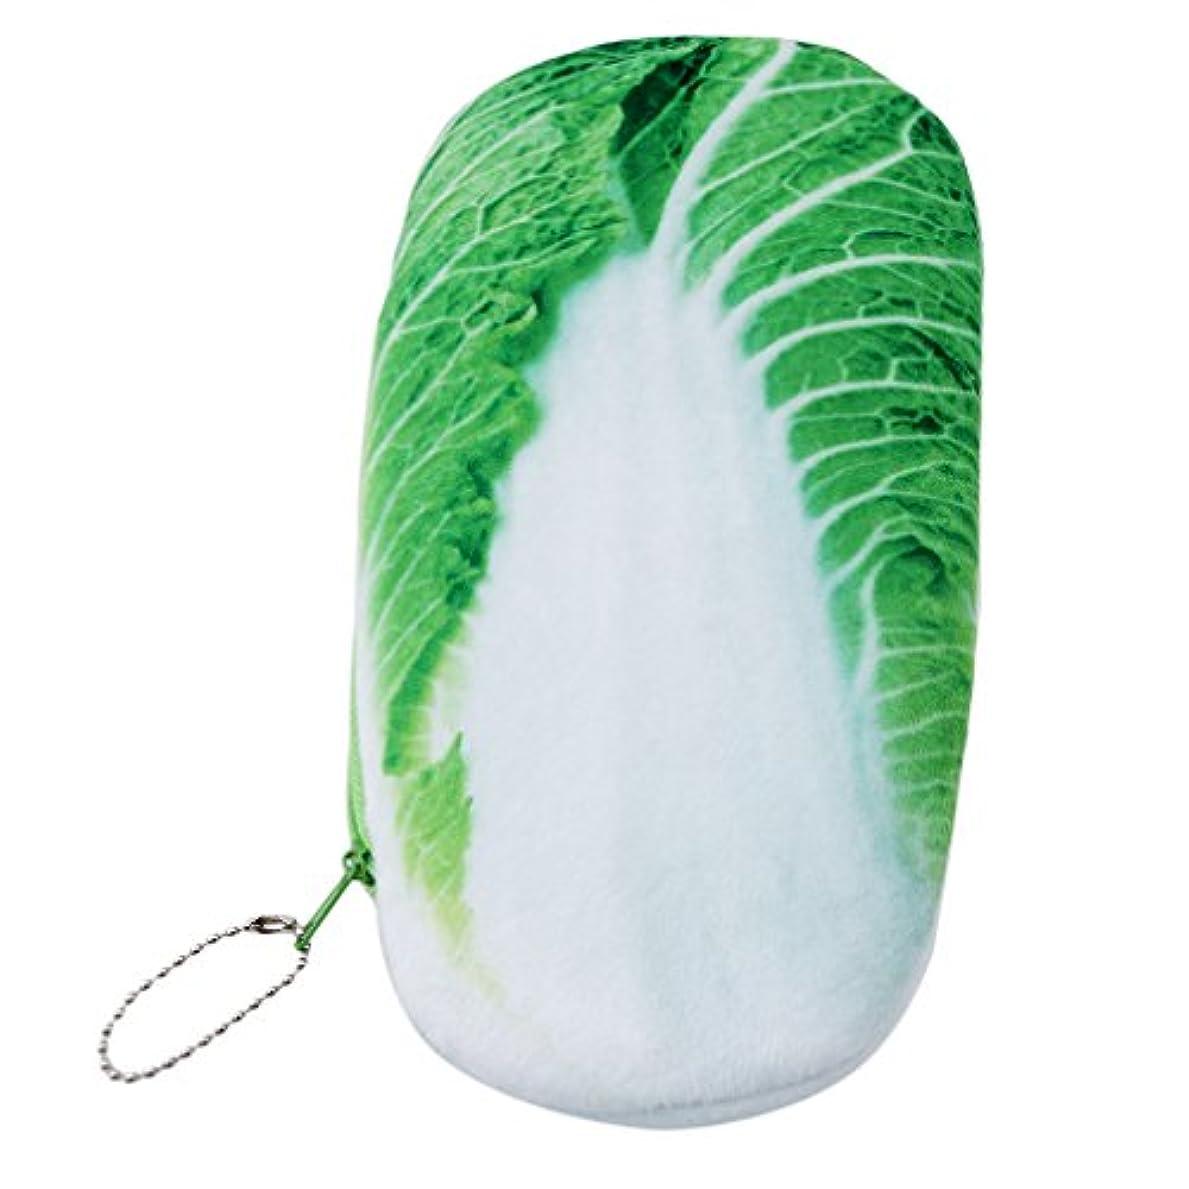 同盟事件、出来事高度なKLUMA 財布 化粧ポーチ 軽量 おしゃれ シンプル かわいい 文芸 多機能 小物収納 野菜形 独特デザイン 人気でかわいい